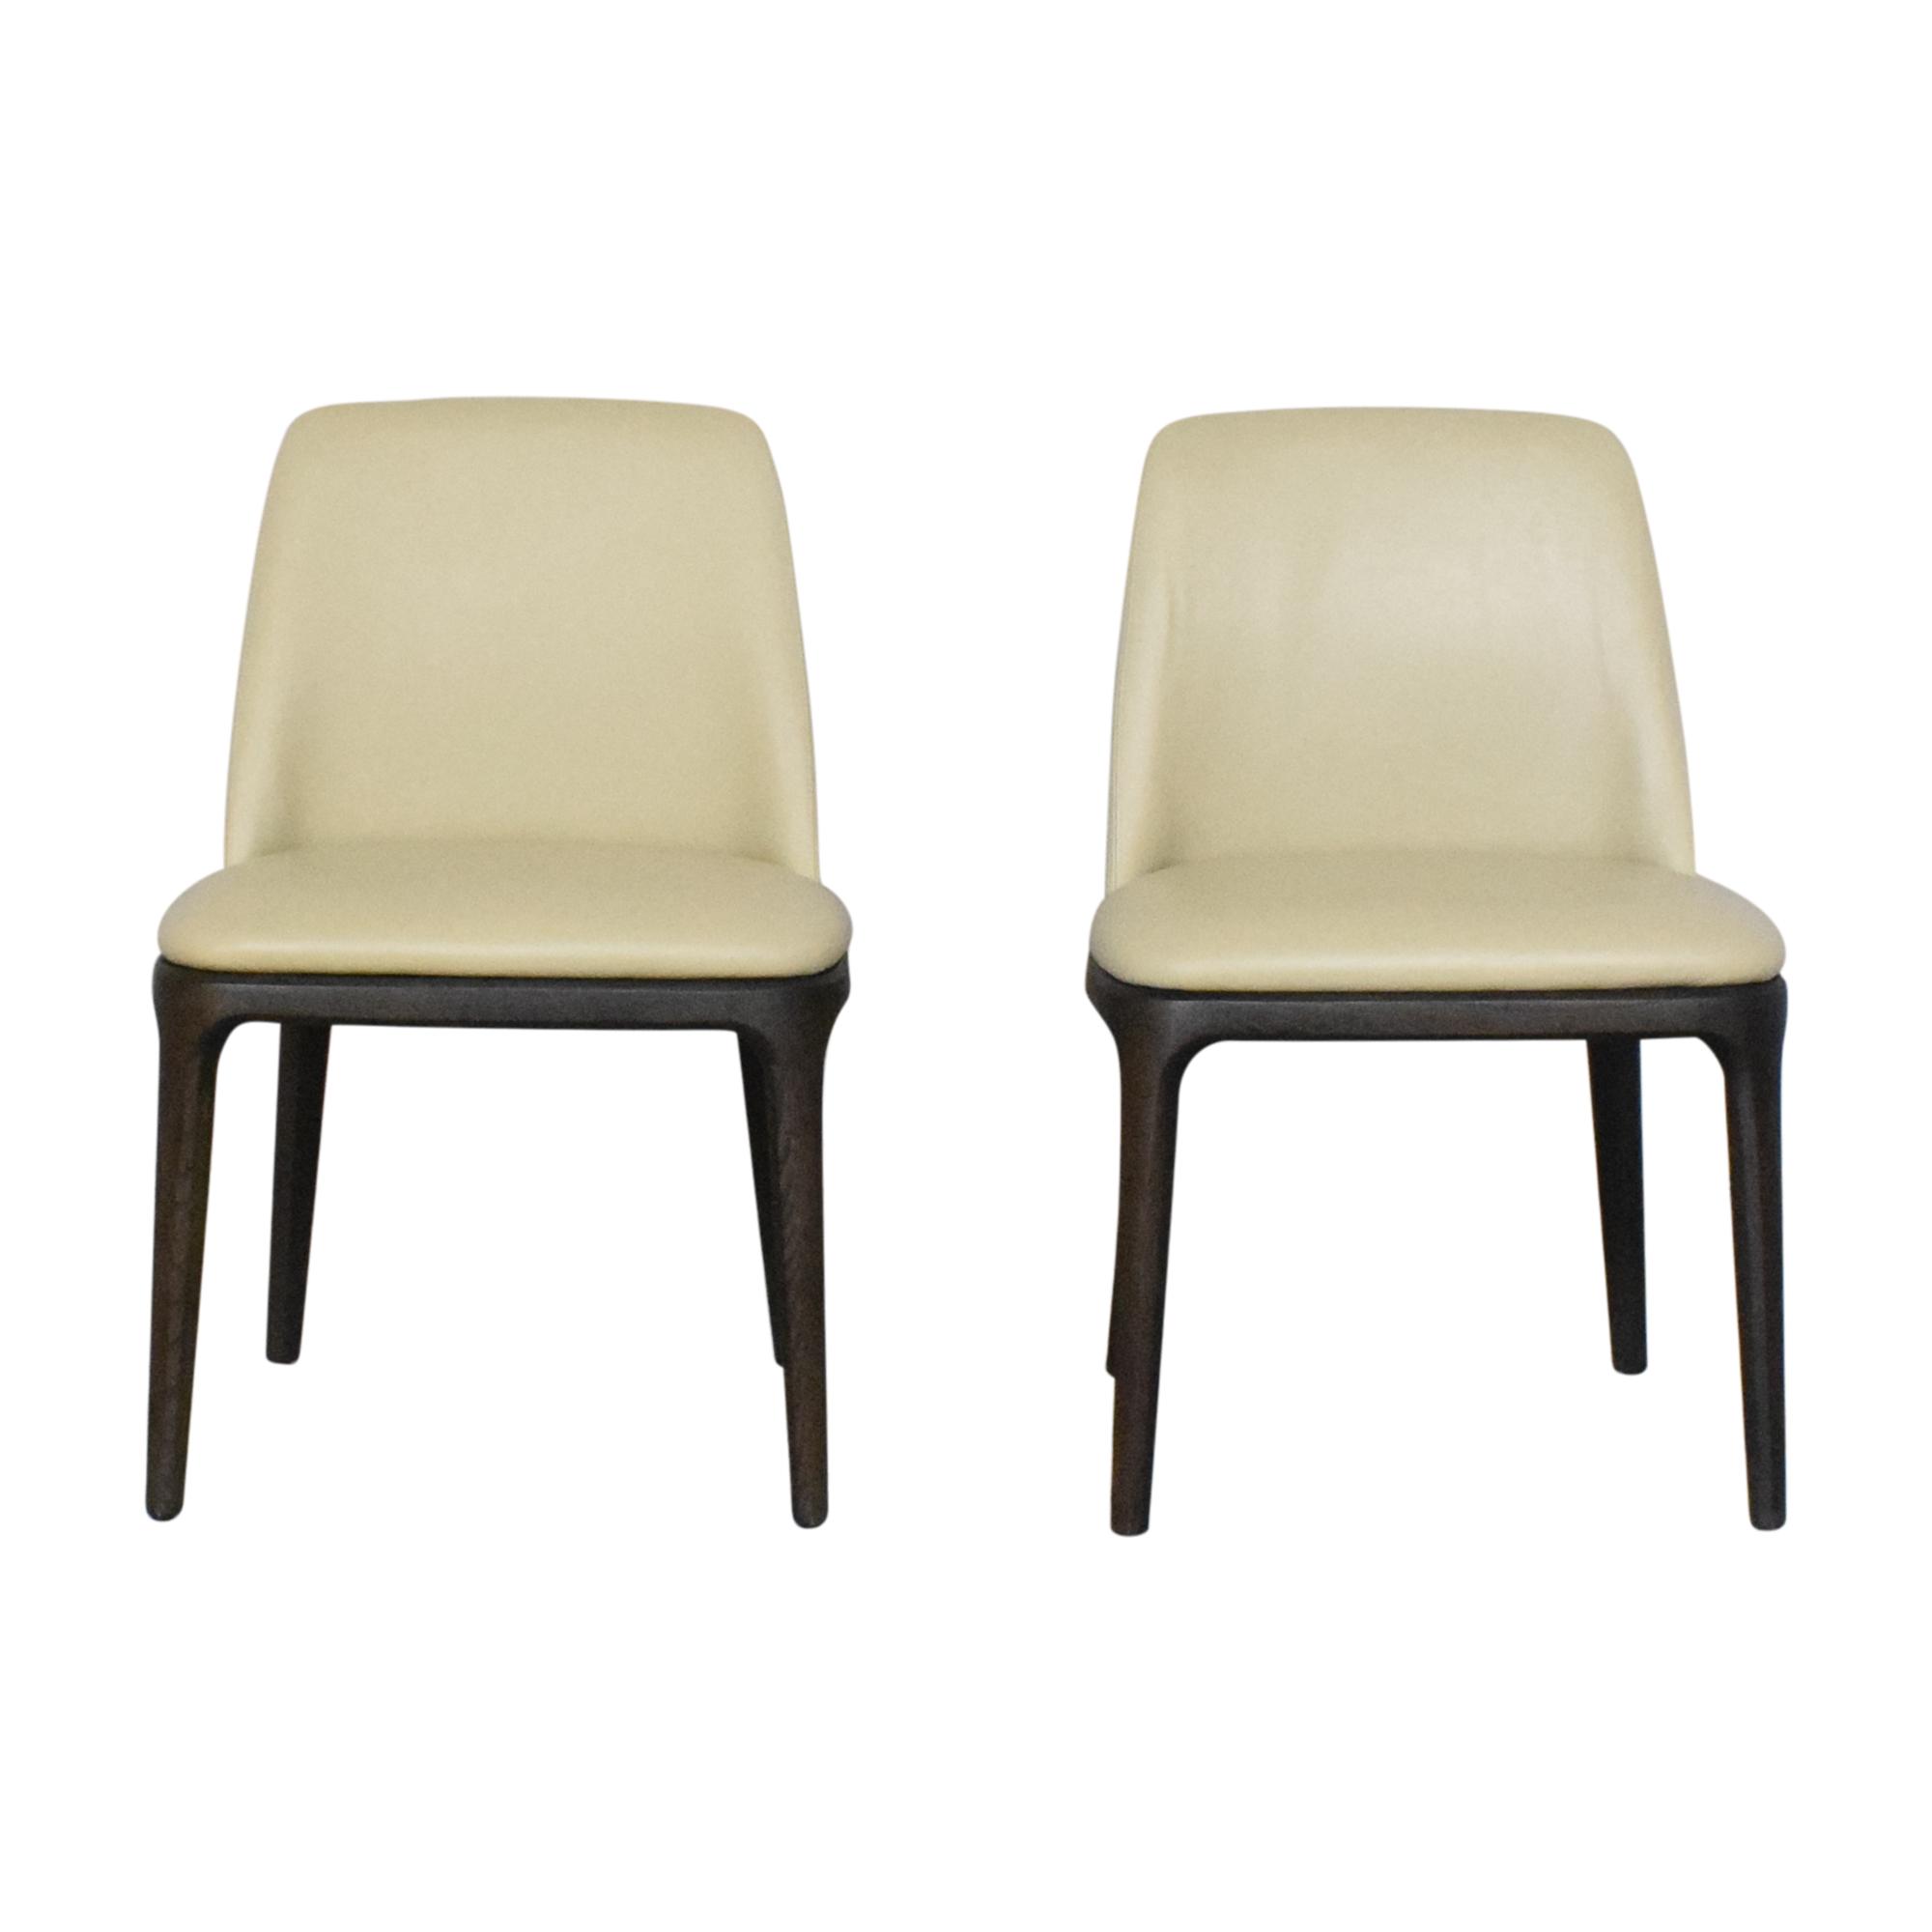 Poliform Grace Chairs Poliform